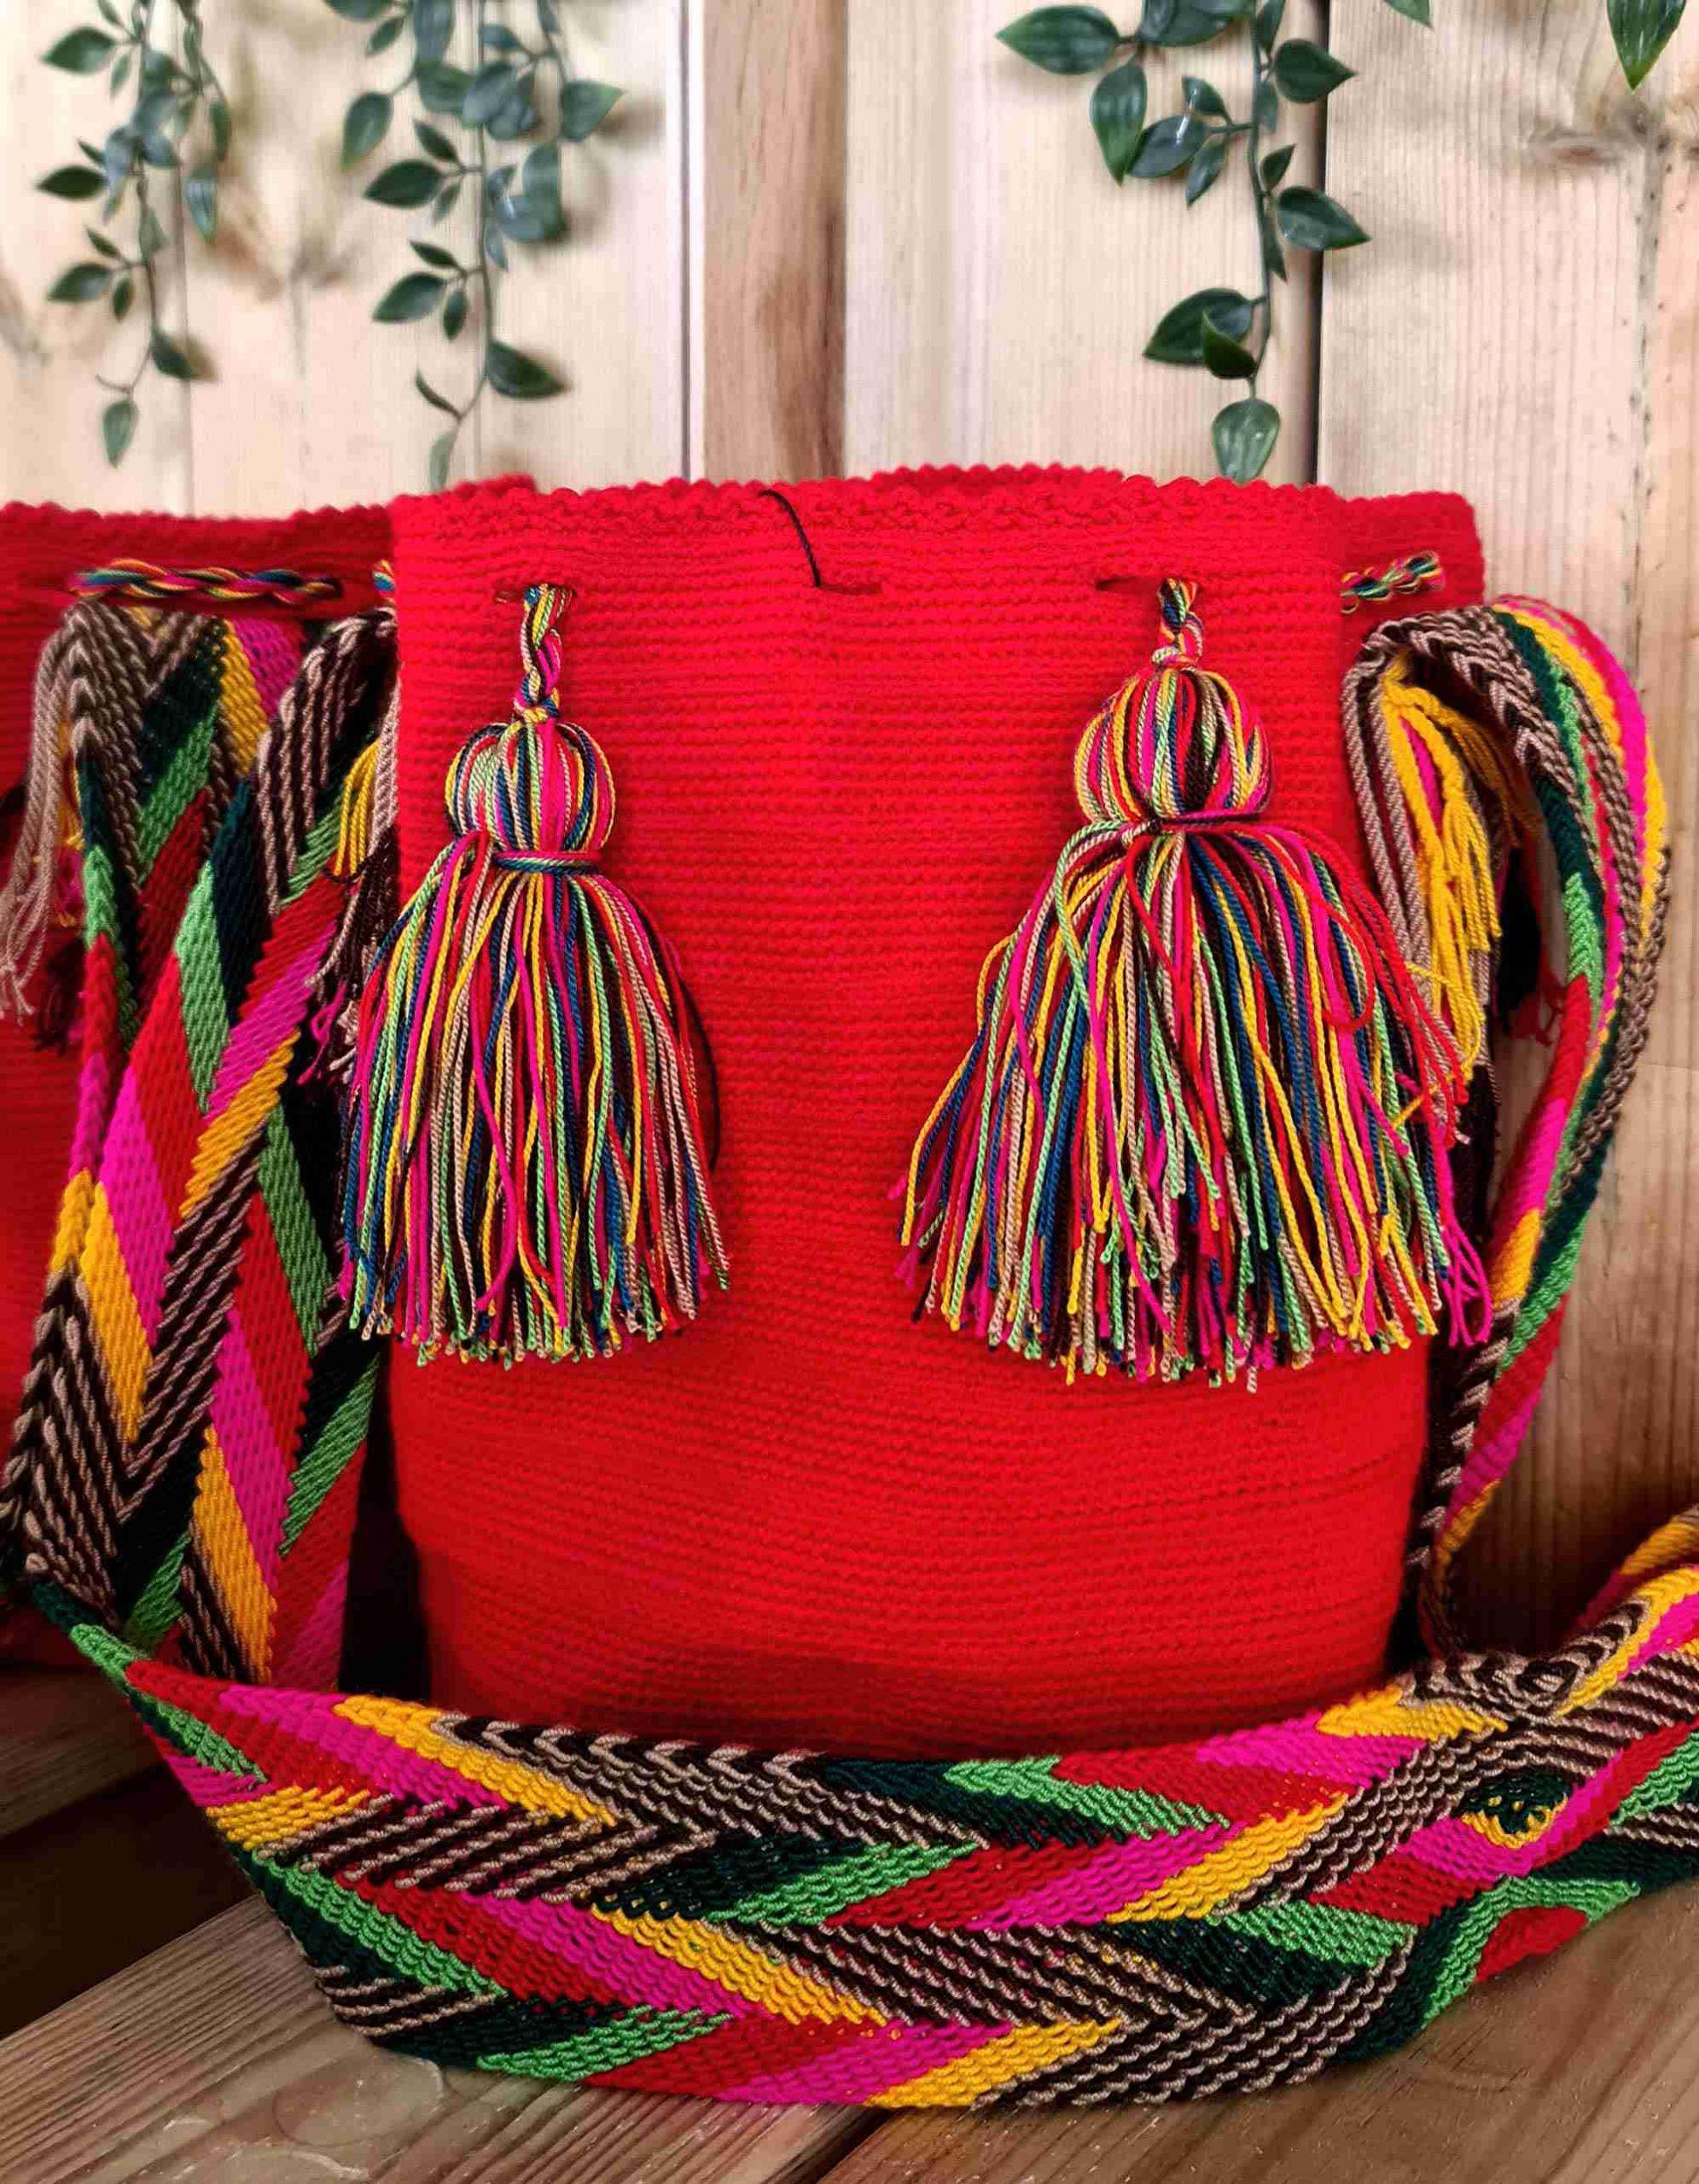 Bolso Wayuu Original Auténtico (sólo 1 igual), color rojo con correa amarillo, rosa y verde.